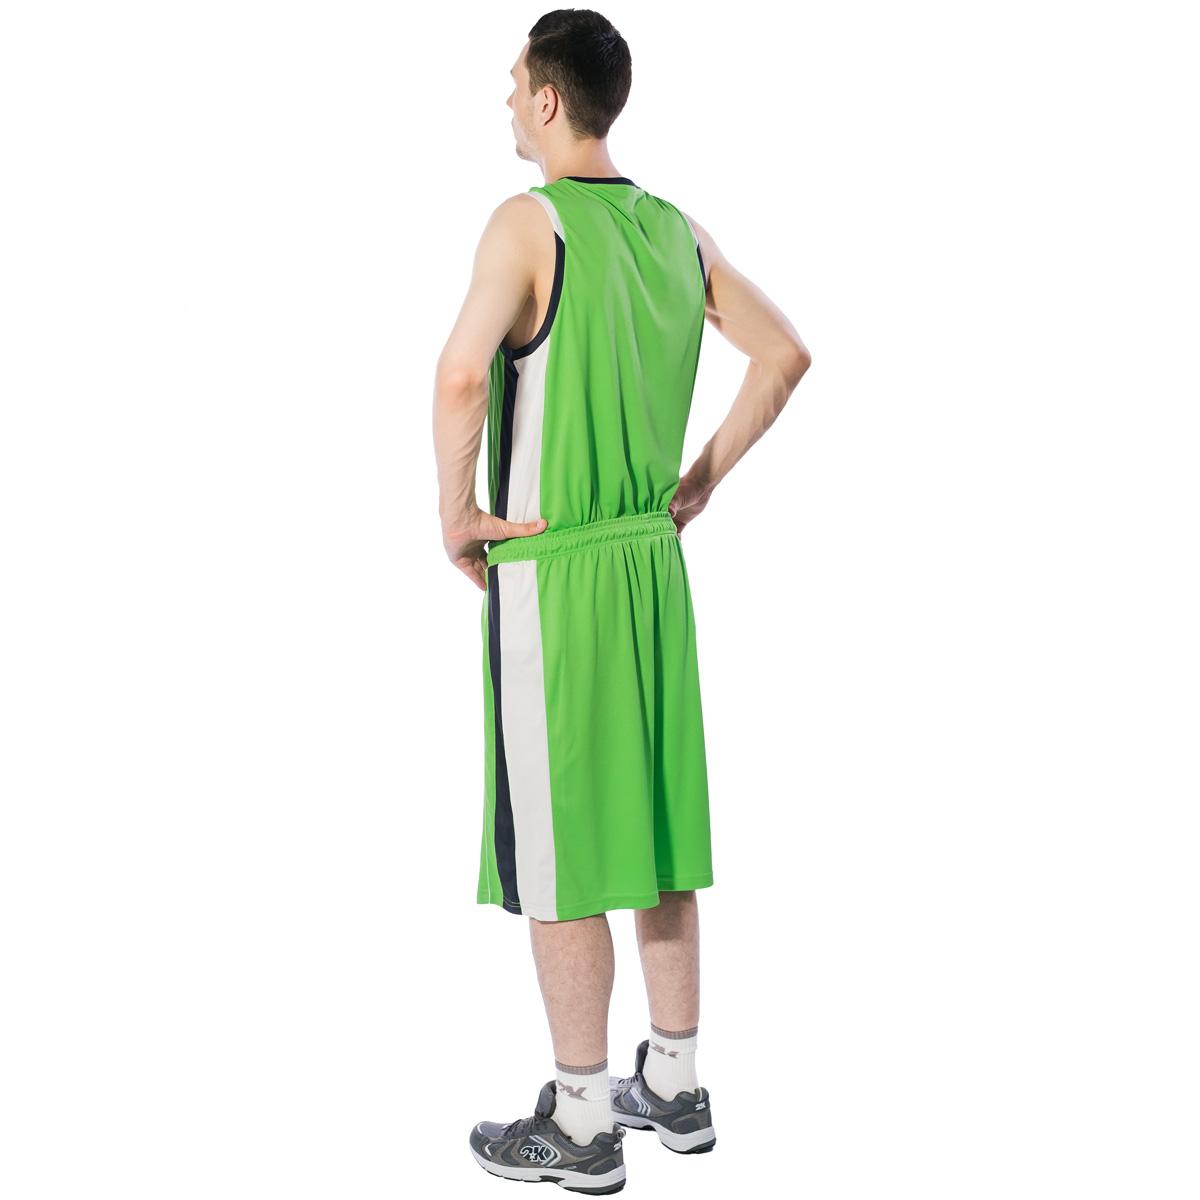 Шорты баскетбольные мужские 2K Sport Advance, цвет:  светло-зеленый, темно-синий, белый.  130031.  Размер M (48) 2K Sport